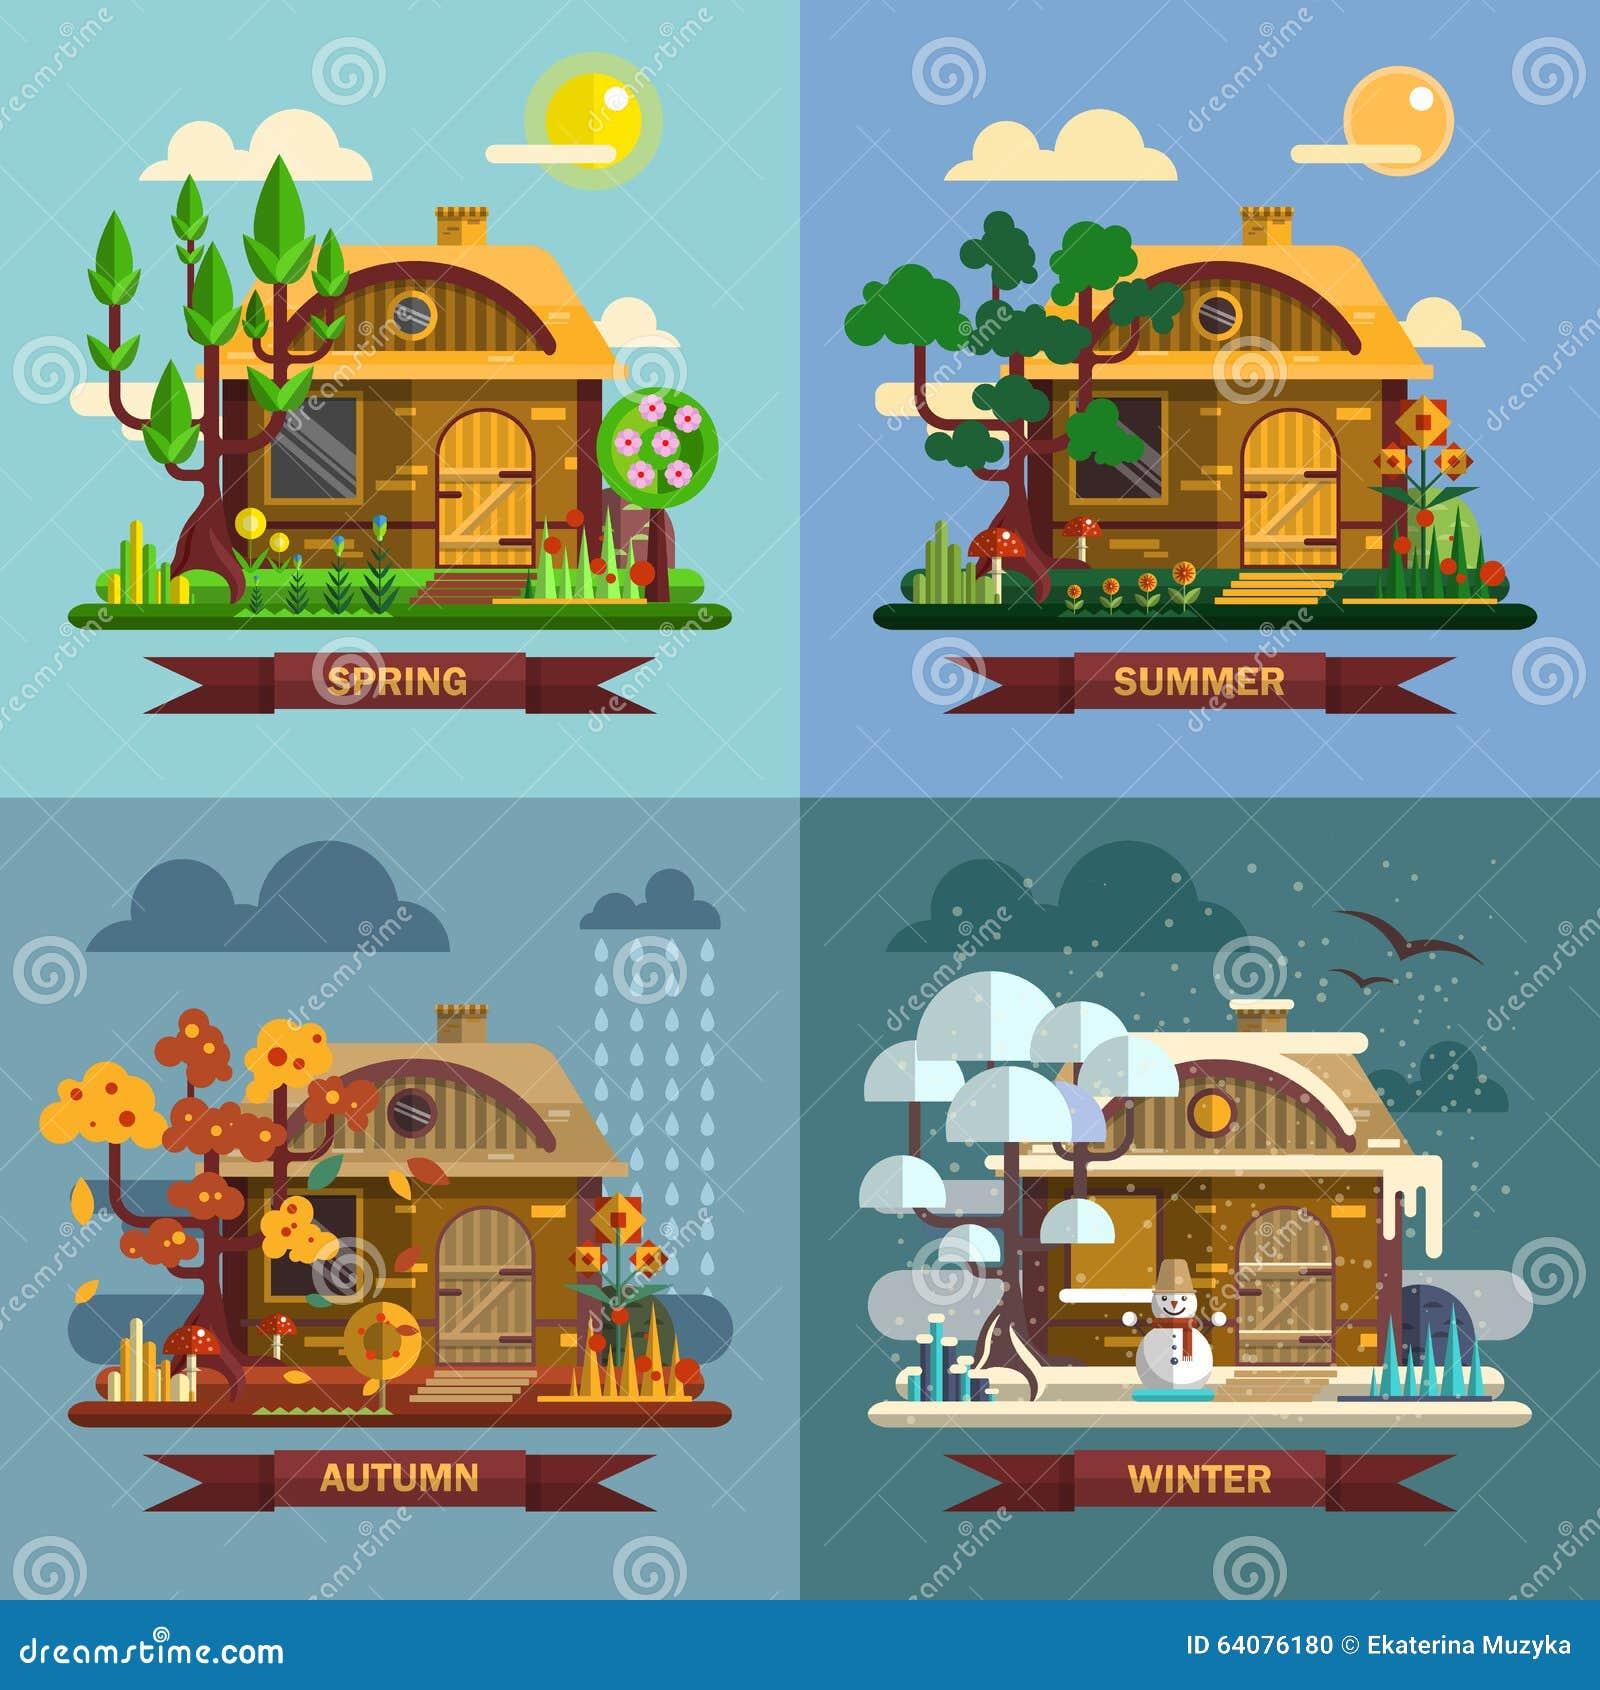 Chambre dans diff rentes p riodes de l 39 ann e quatre saisons illustration de vecteur image - Saisons de l annee ...